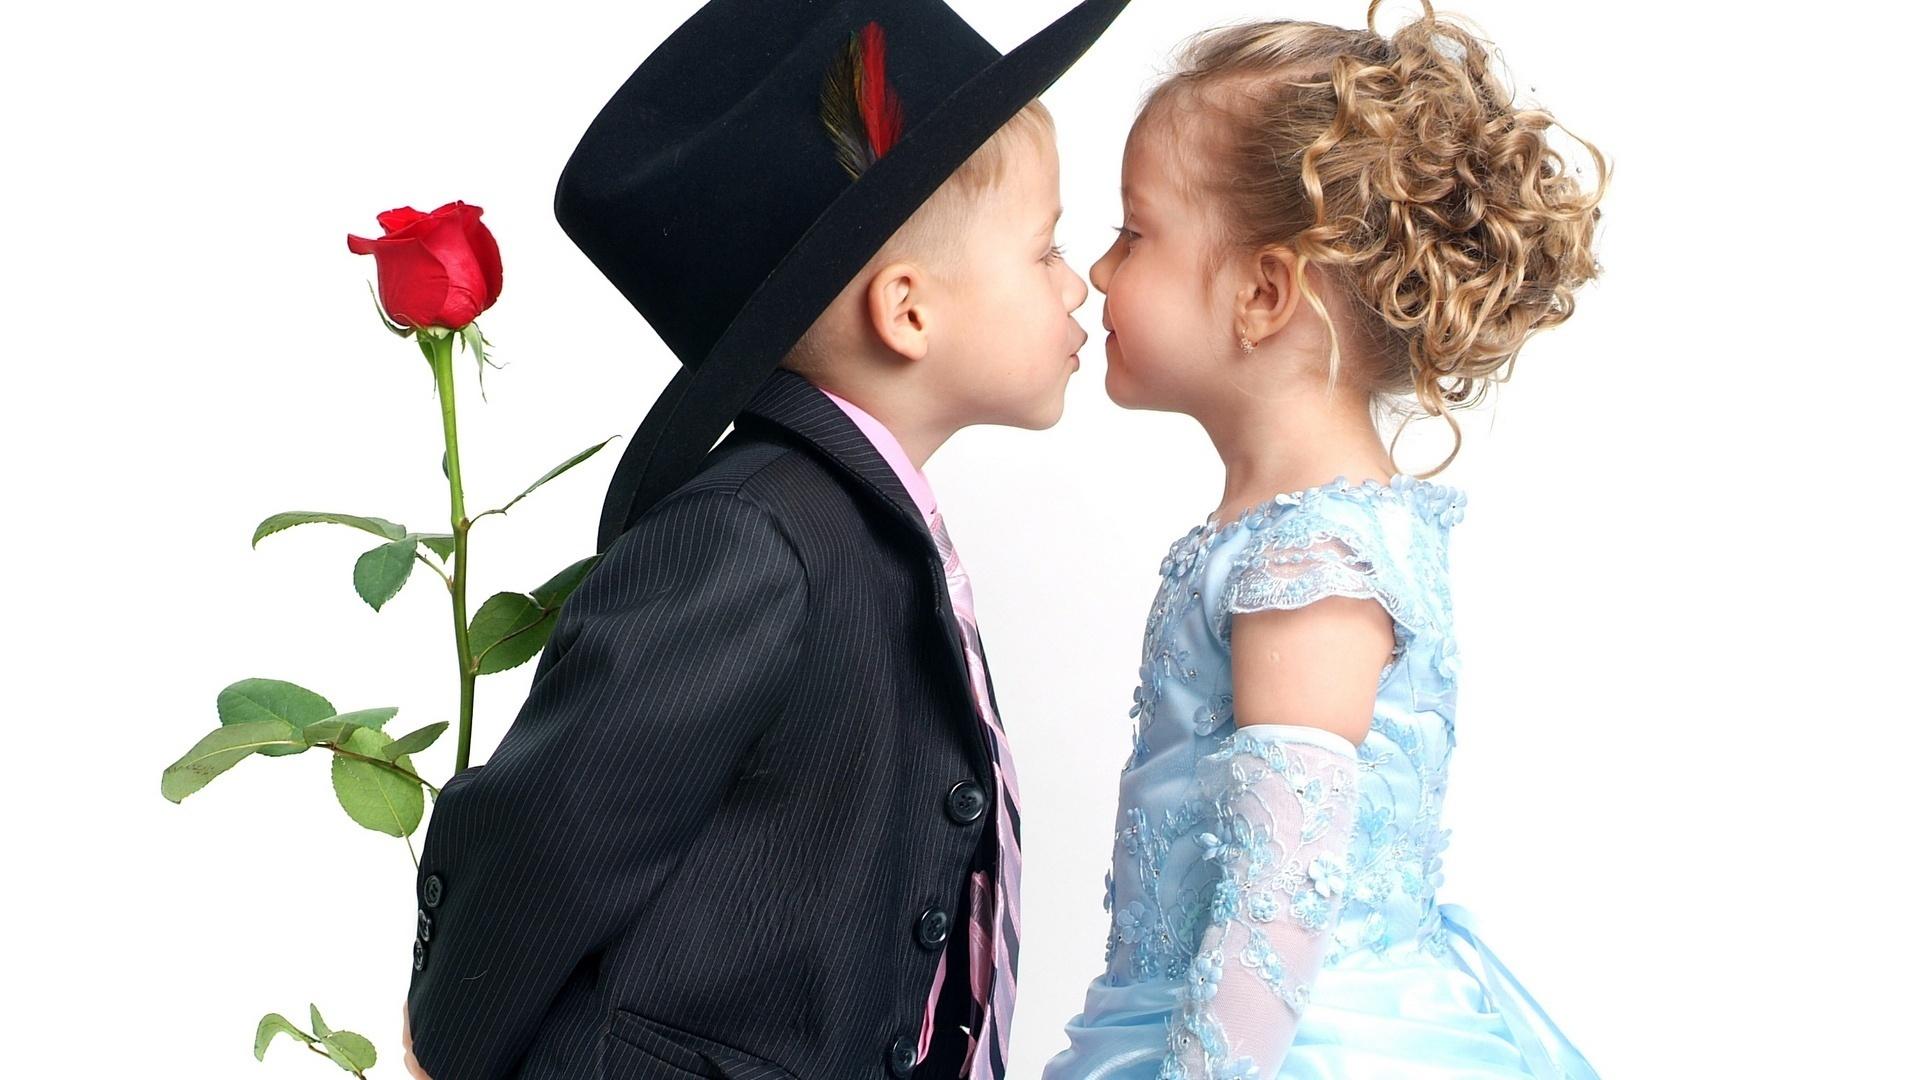 Polygamous_relationships_2jpg